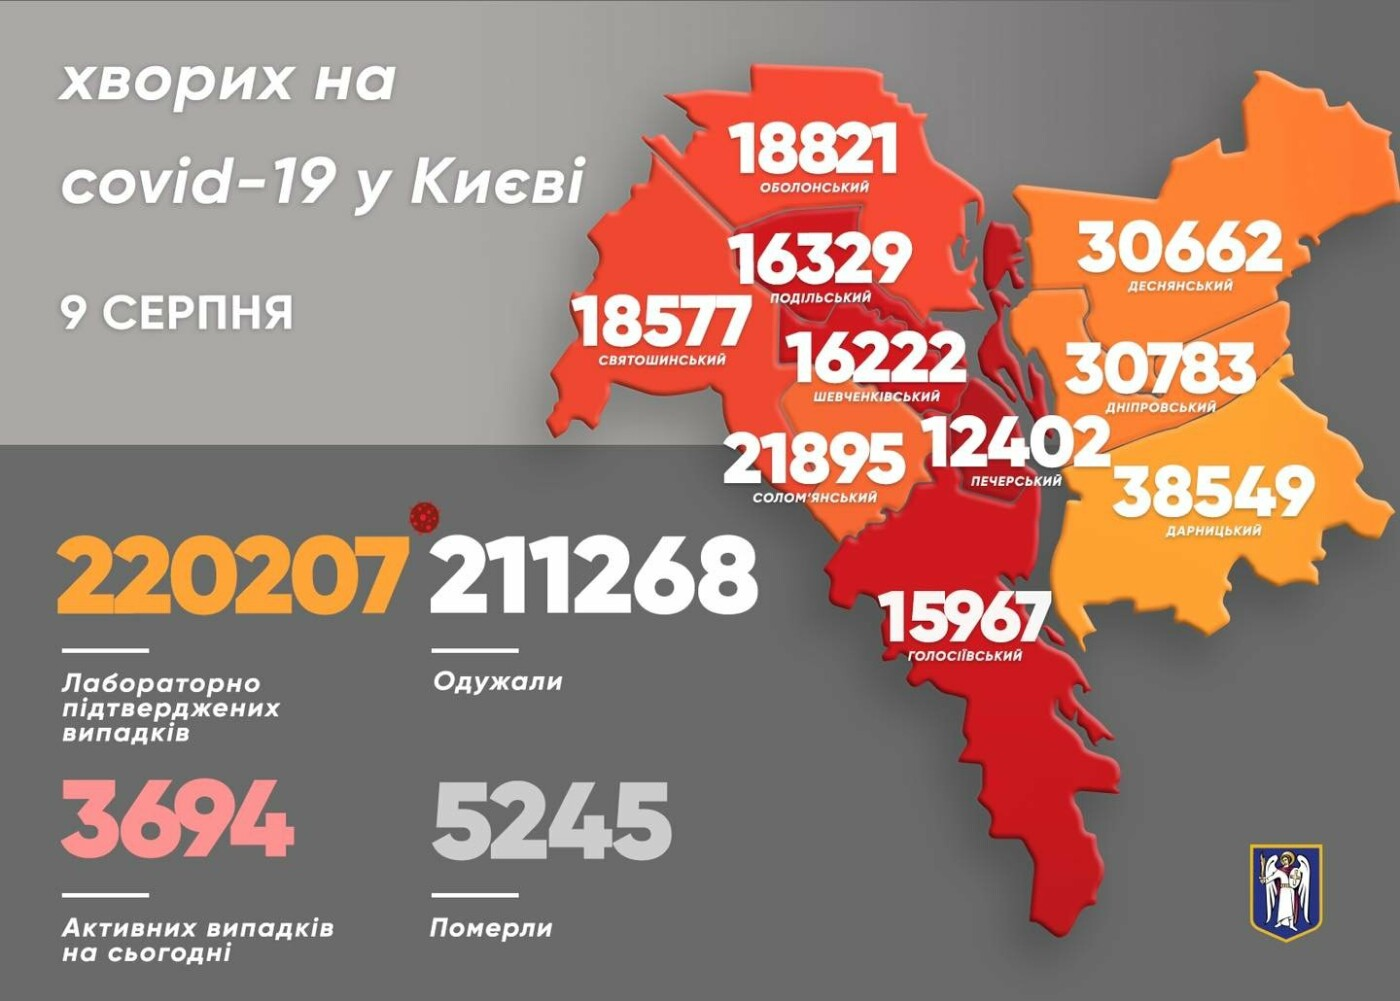 Статистика на 9 августа